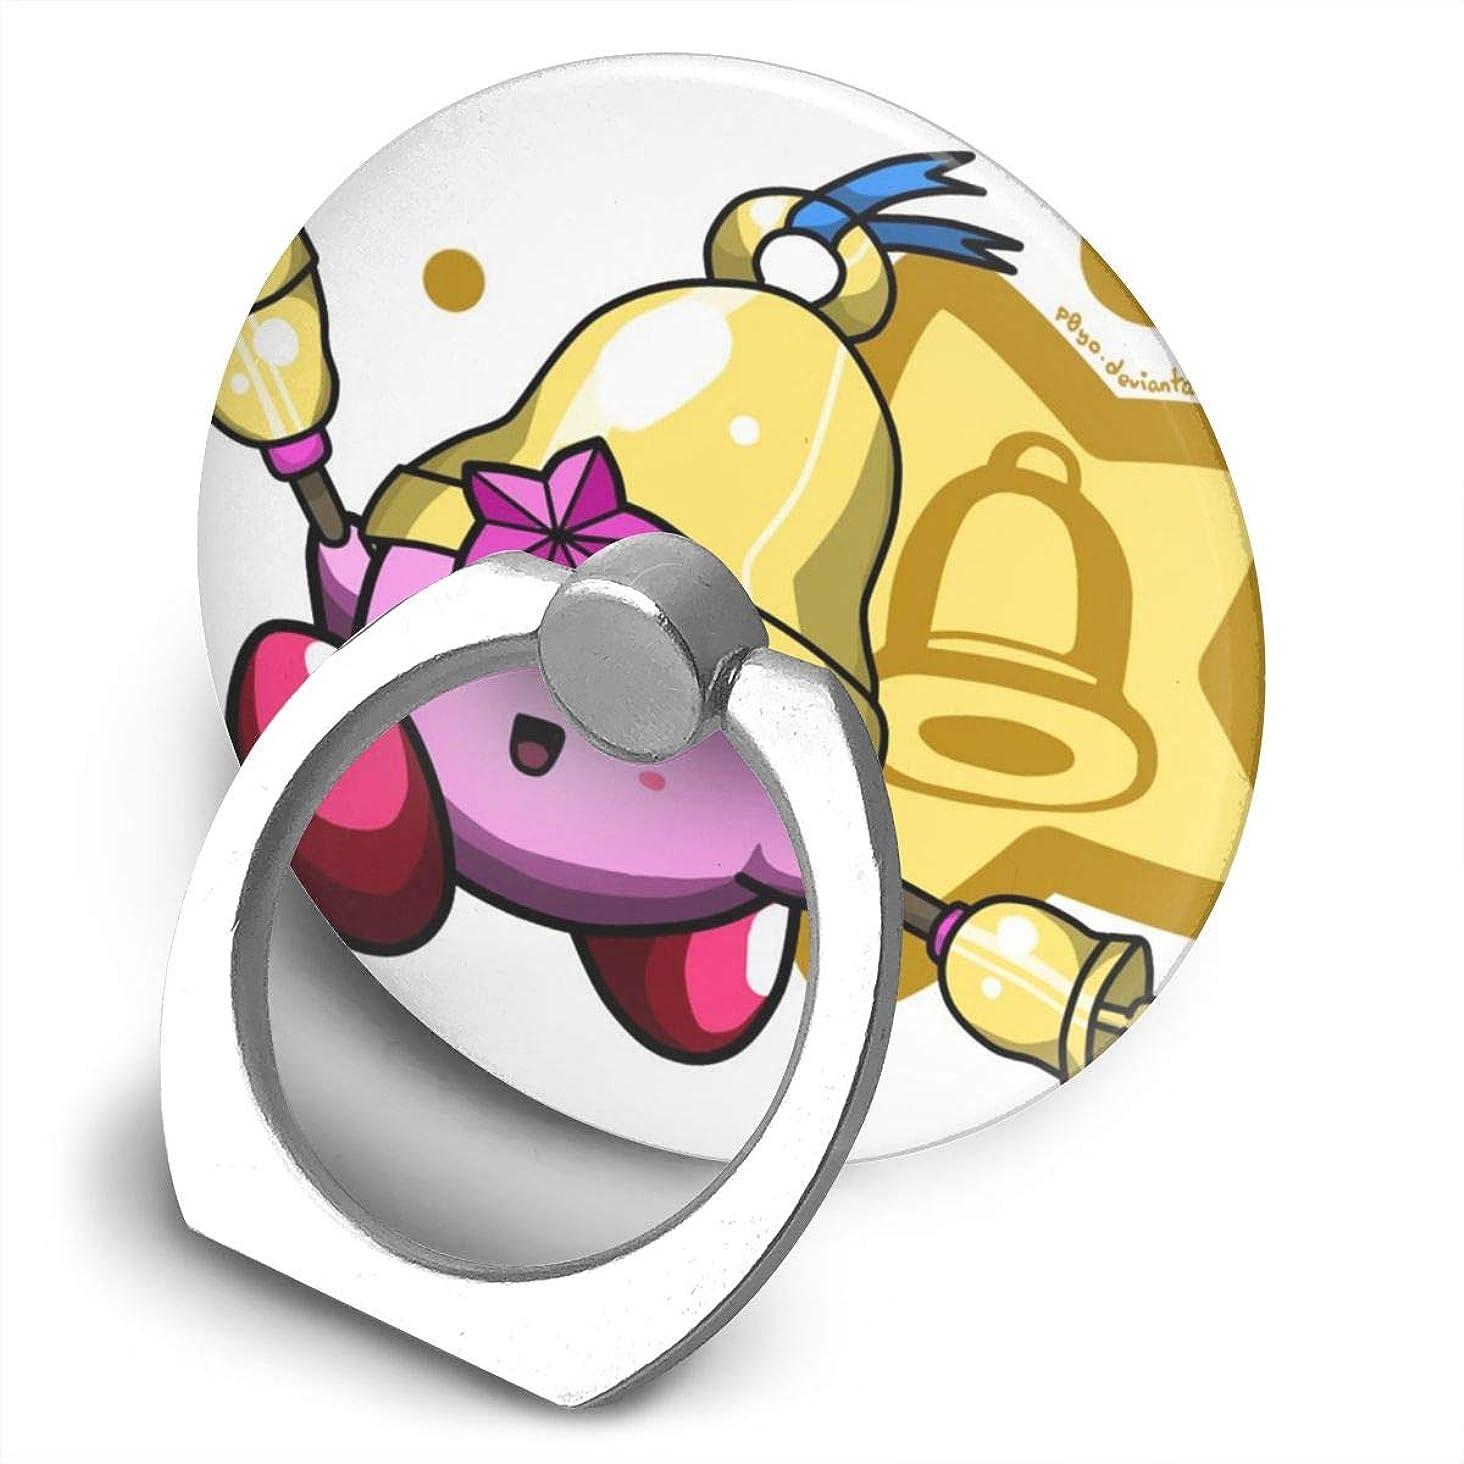 野生バッグ登録するGreatayifong 星のカービィ スターアライズ バンカーリング スマホ リング 人気 ホールドリング 薄型 スタンド機能 ホルダー 落下防止 軽い 360 回転 IPhone/Android各種他対応 (シルバー)